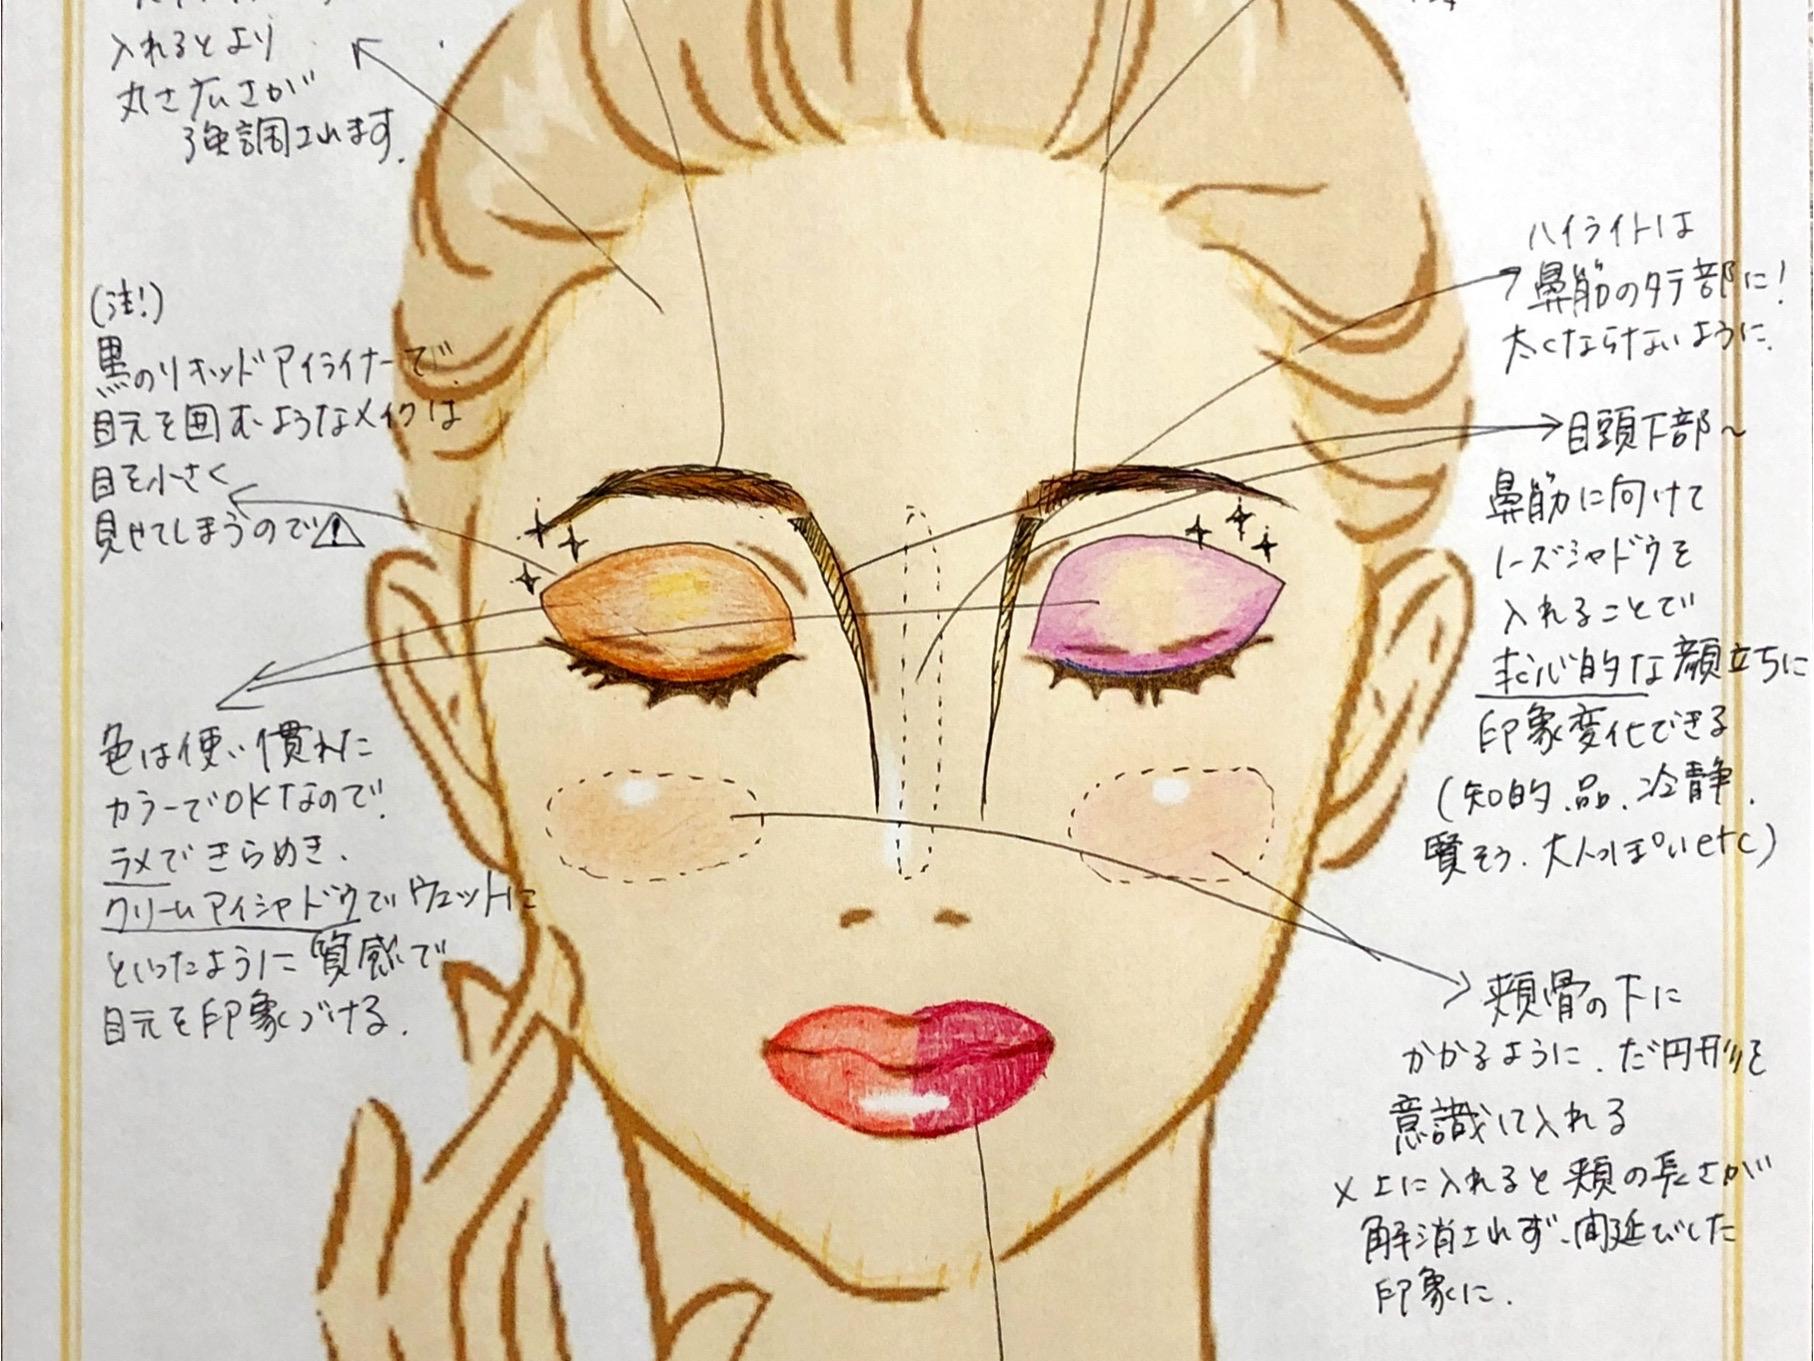 美人コンパス®︎通販版をうけて、ひよこに似てるって言われる理由がわかった話